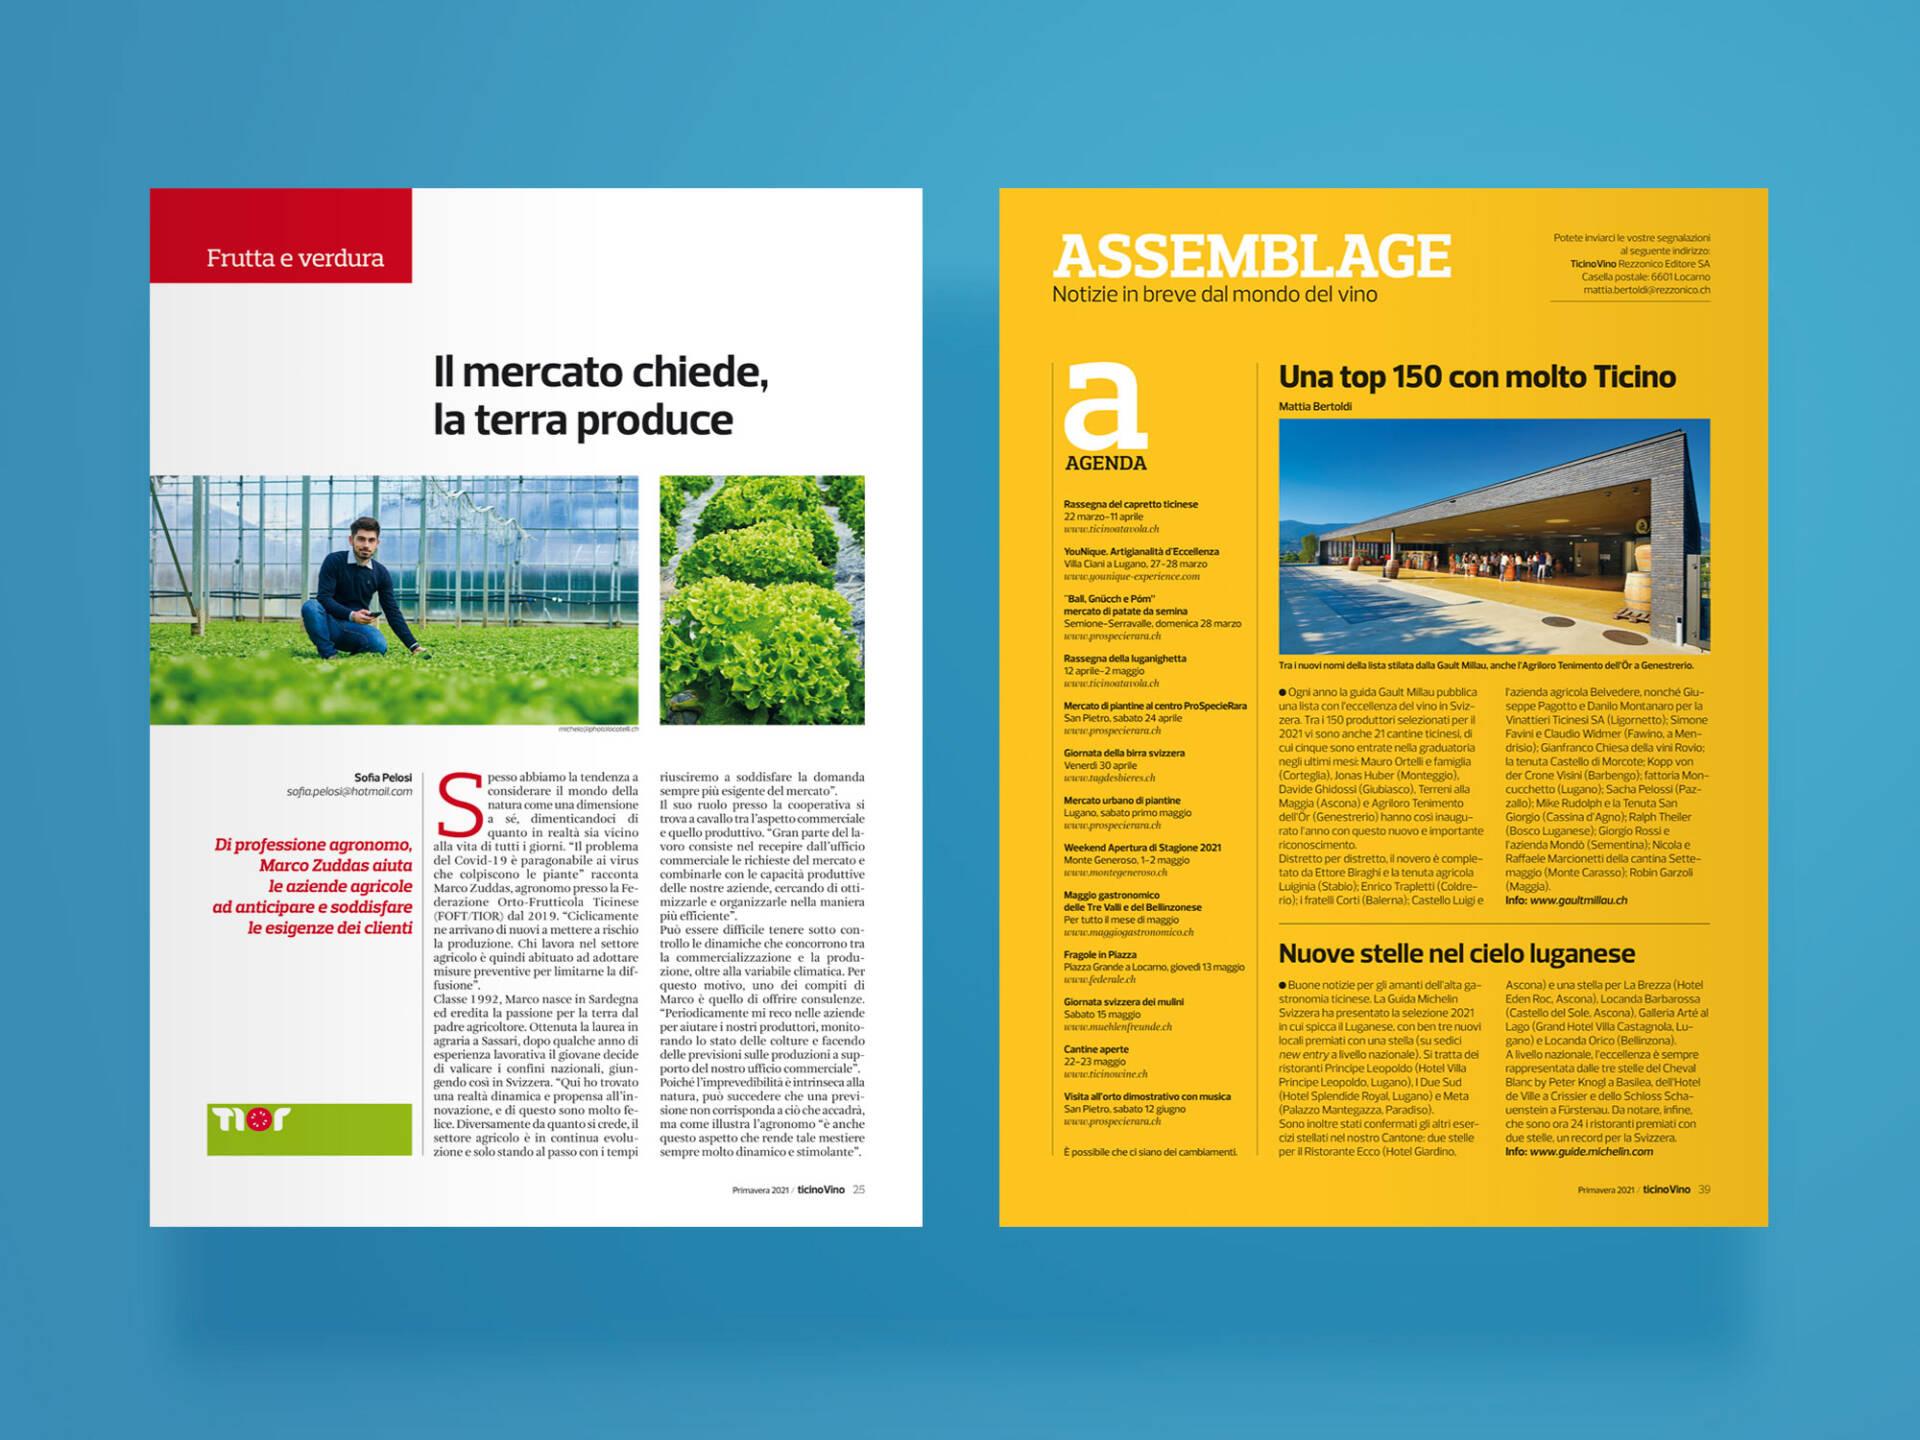 TicinoVino-Wein-Wenceslau-News-Design-06